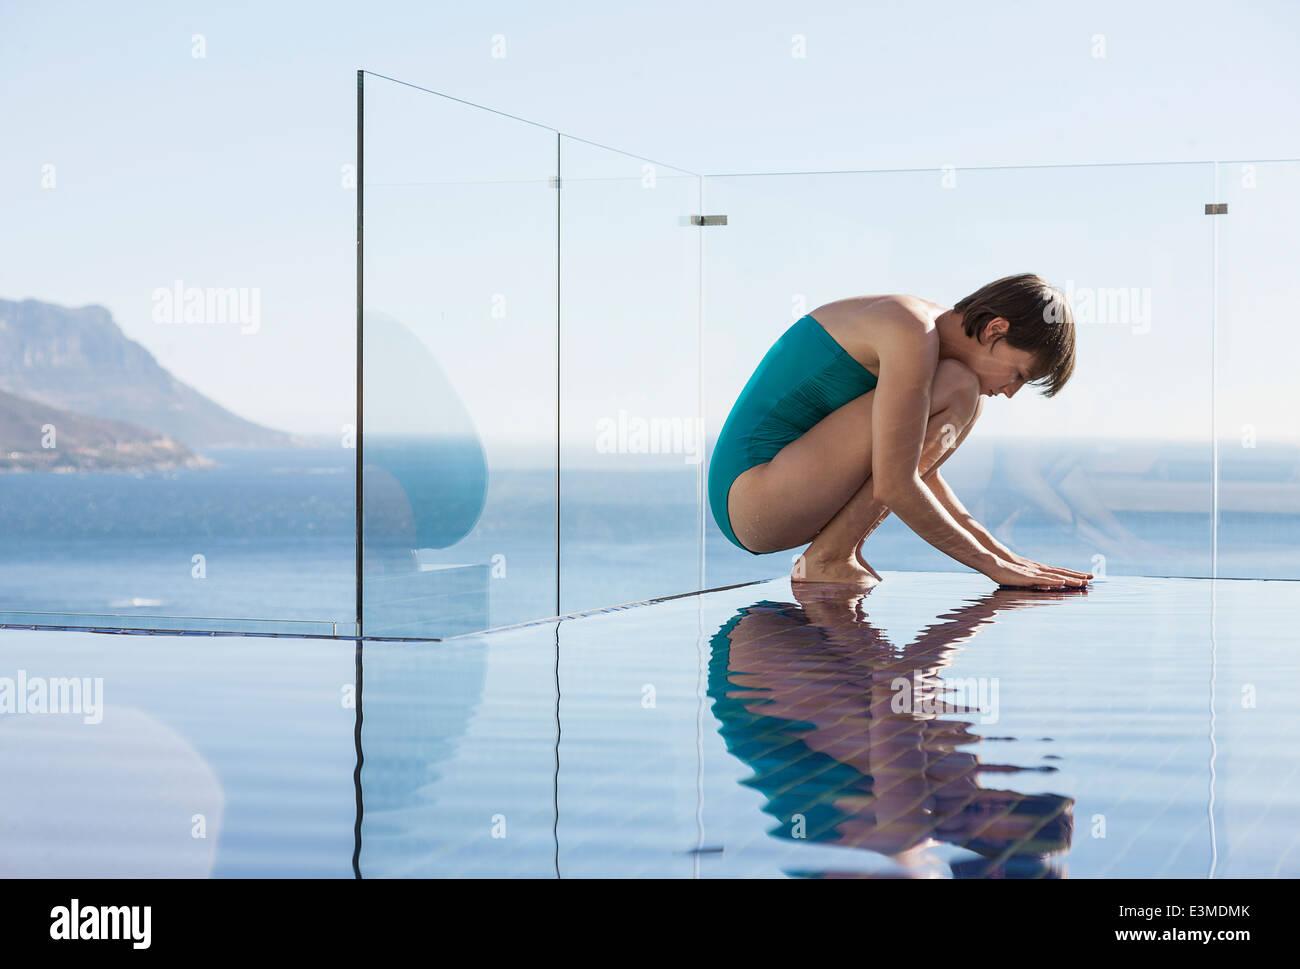 Donna accovacciata oltre la piscina a sfioro con vista oceano Immagini Stock